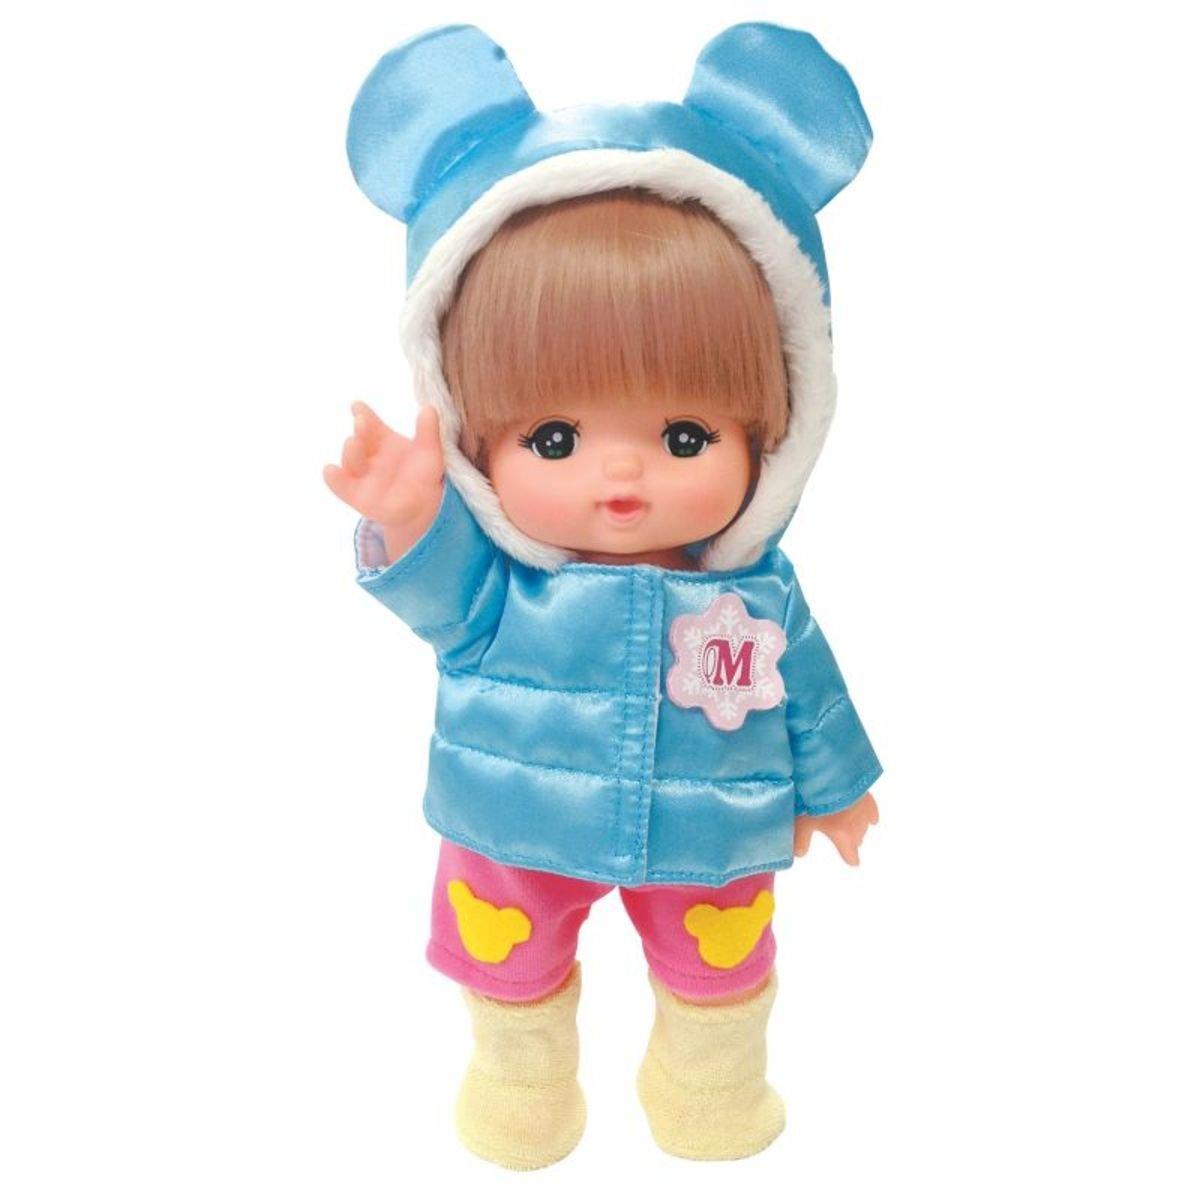 M51272- 小熊綿衣外套